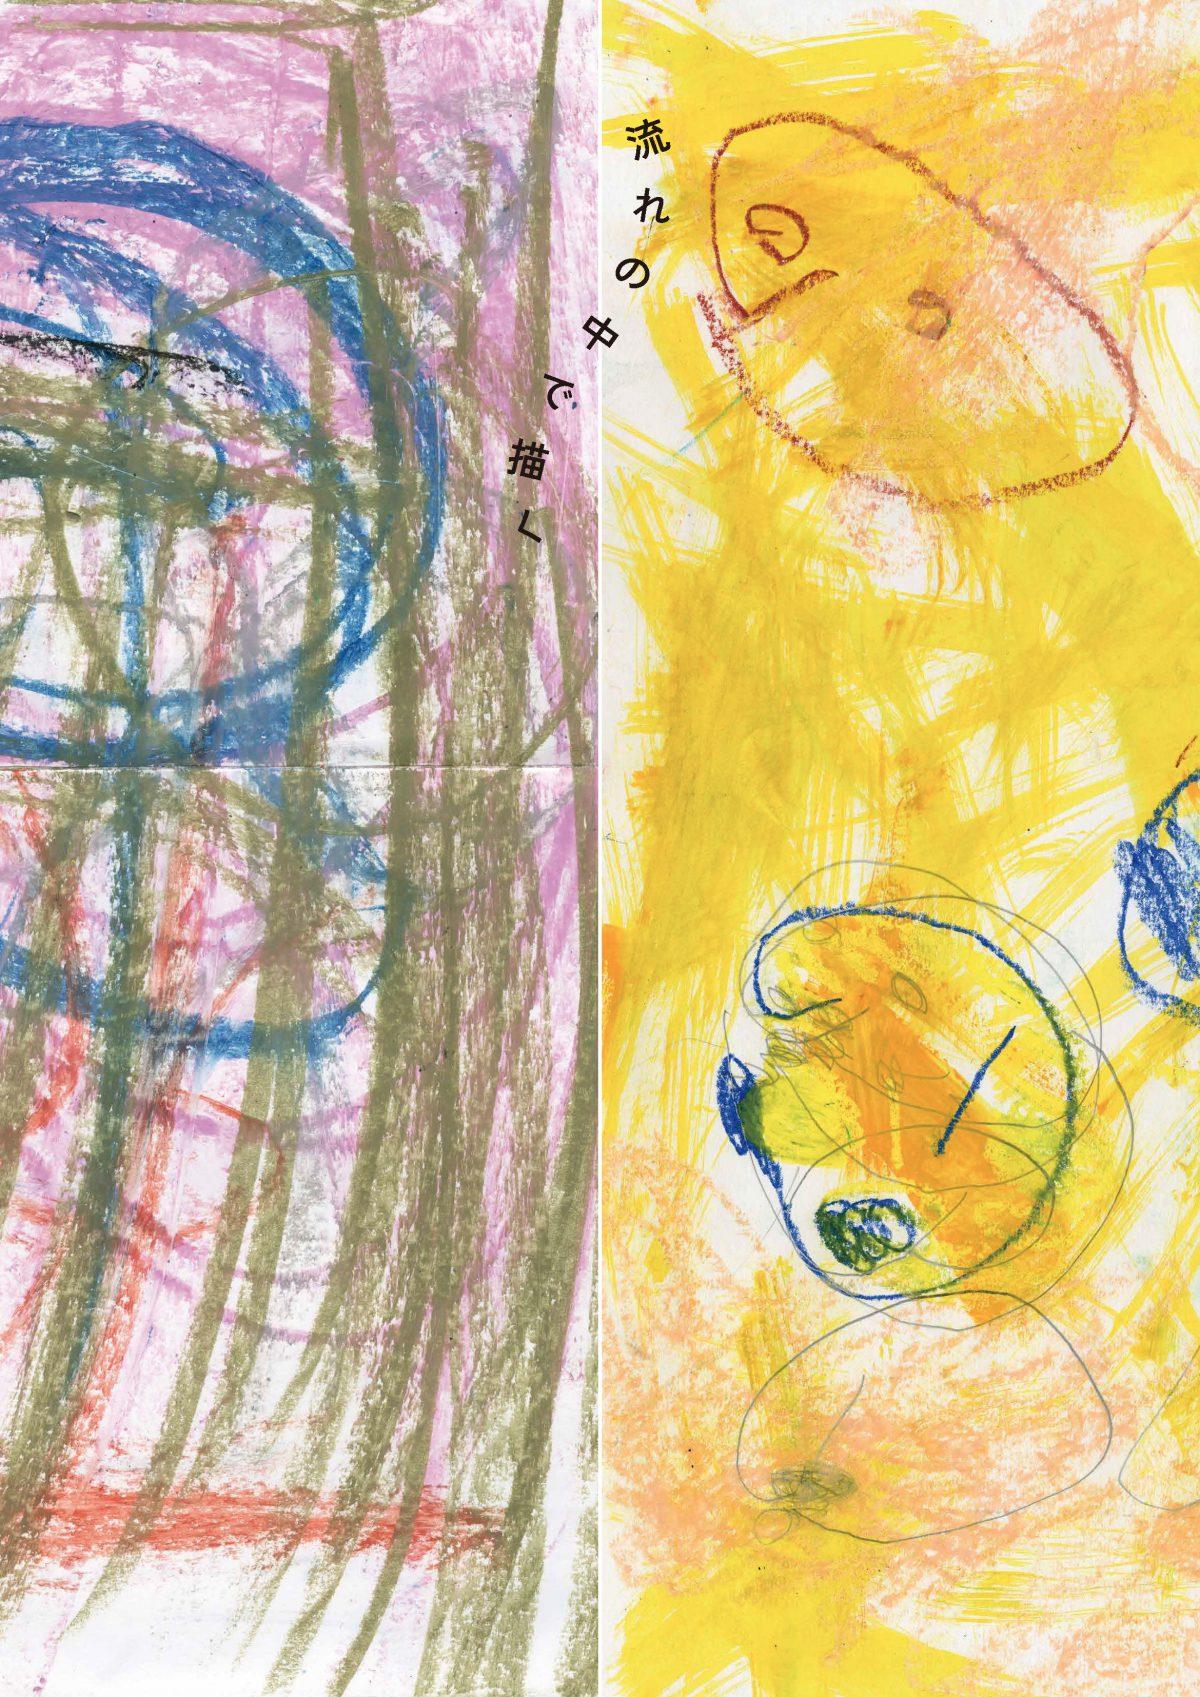 みずのきアーカイブのための展覧会中川直昭・牧野惠子 2017流れの中で描く 画像